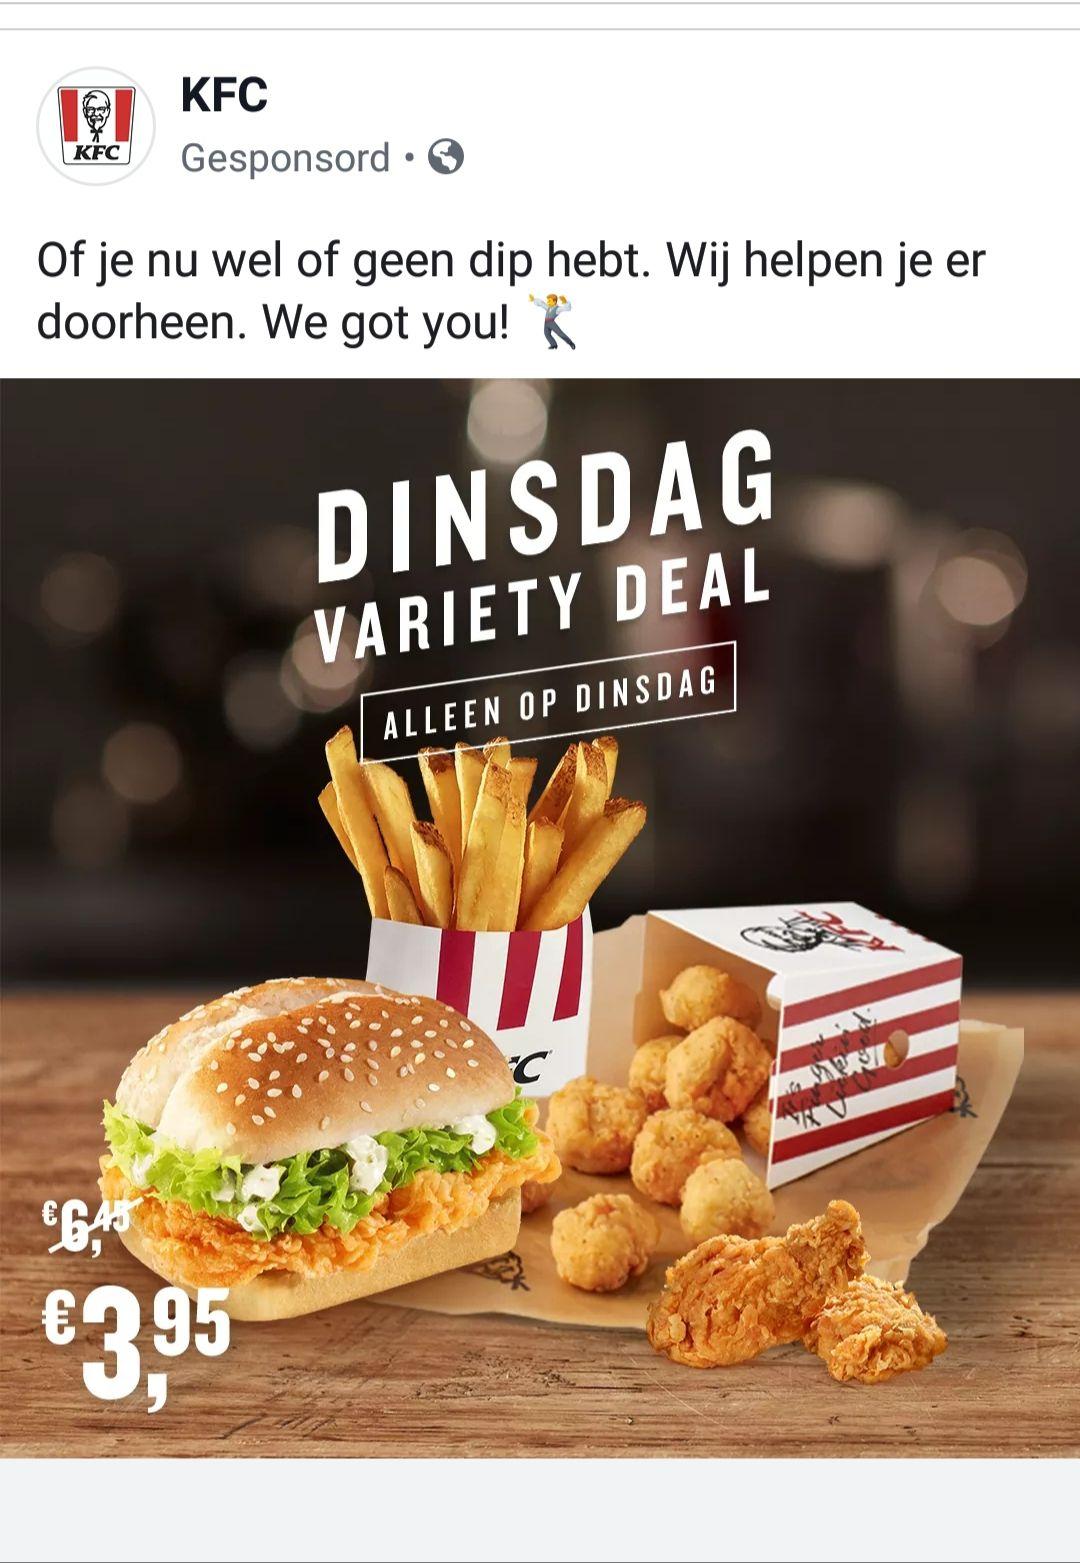 Dinsdag Variety deal bij KFC